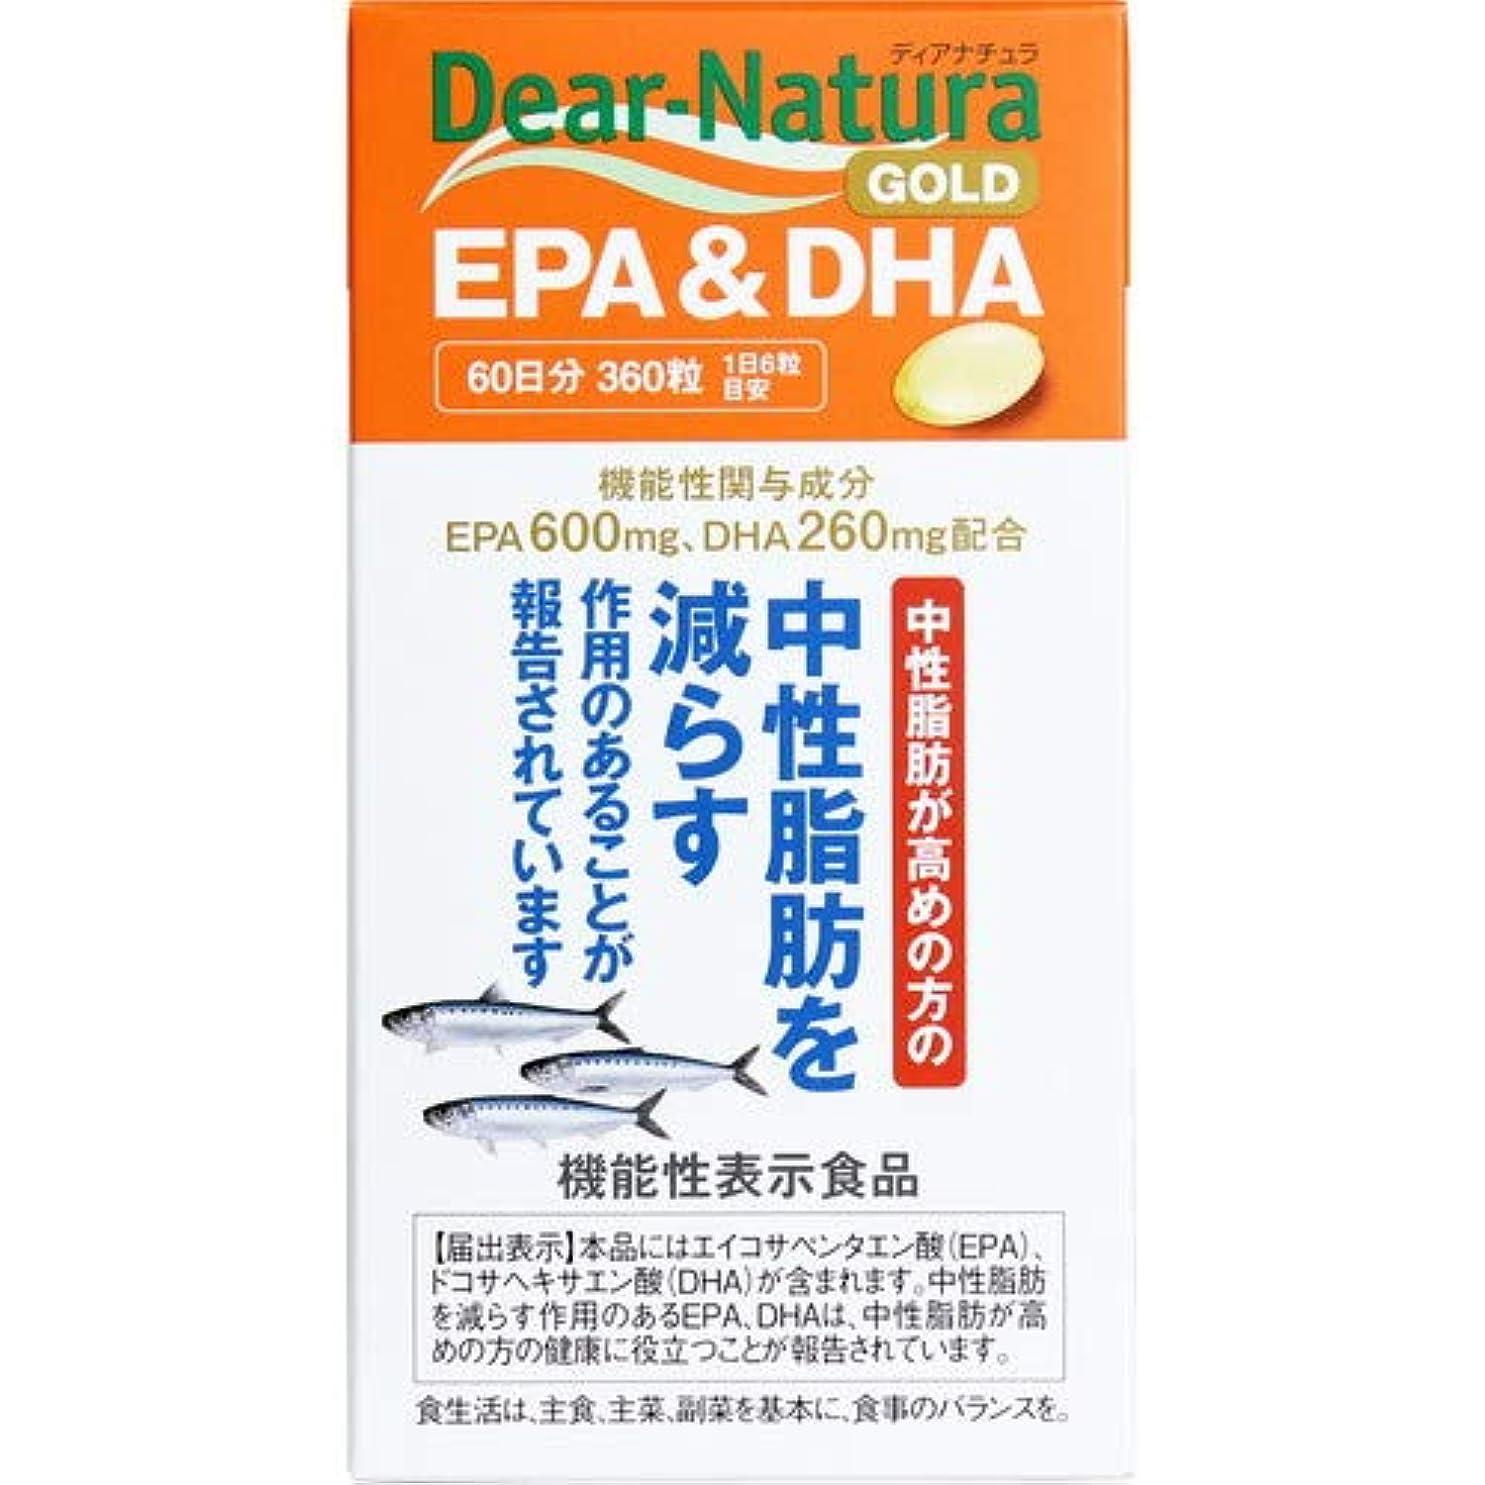 文言彼女自身矢じりディアナチュラゴールド EPA&DHA 60日分 360粒入